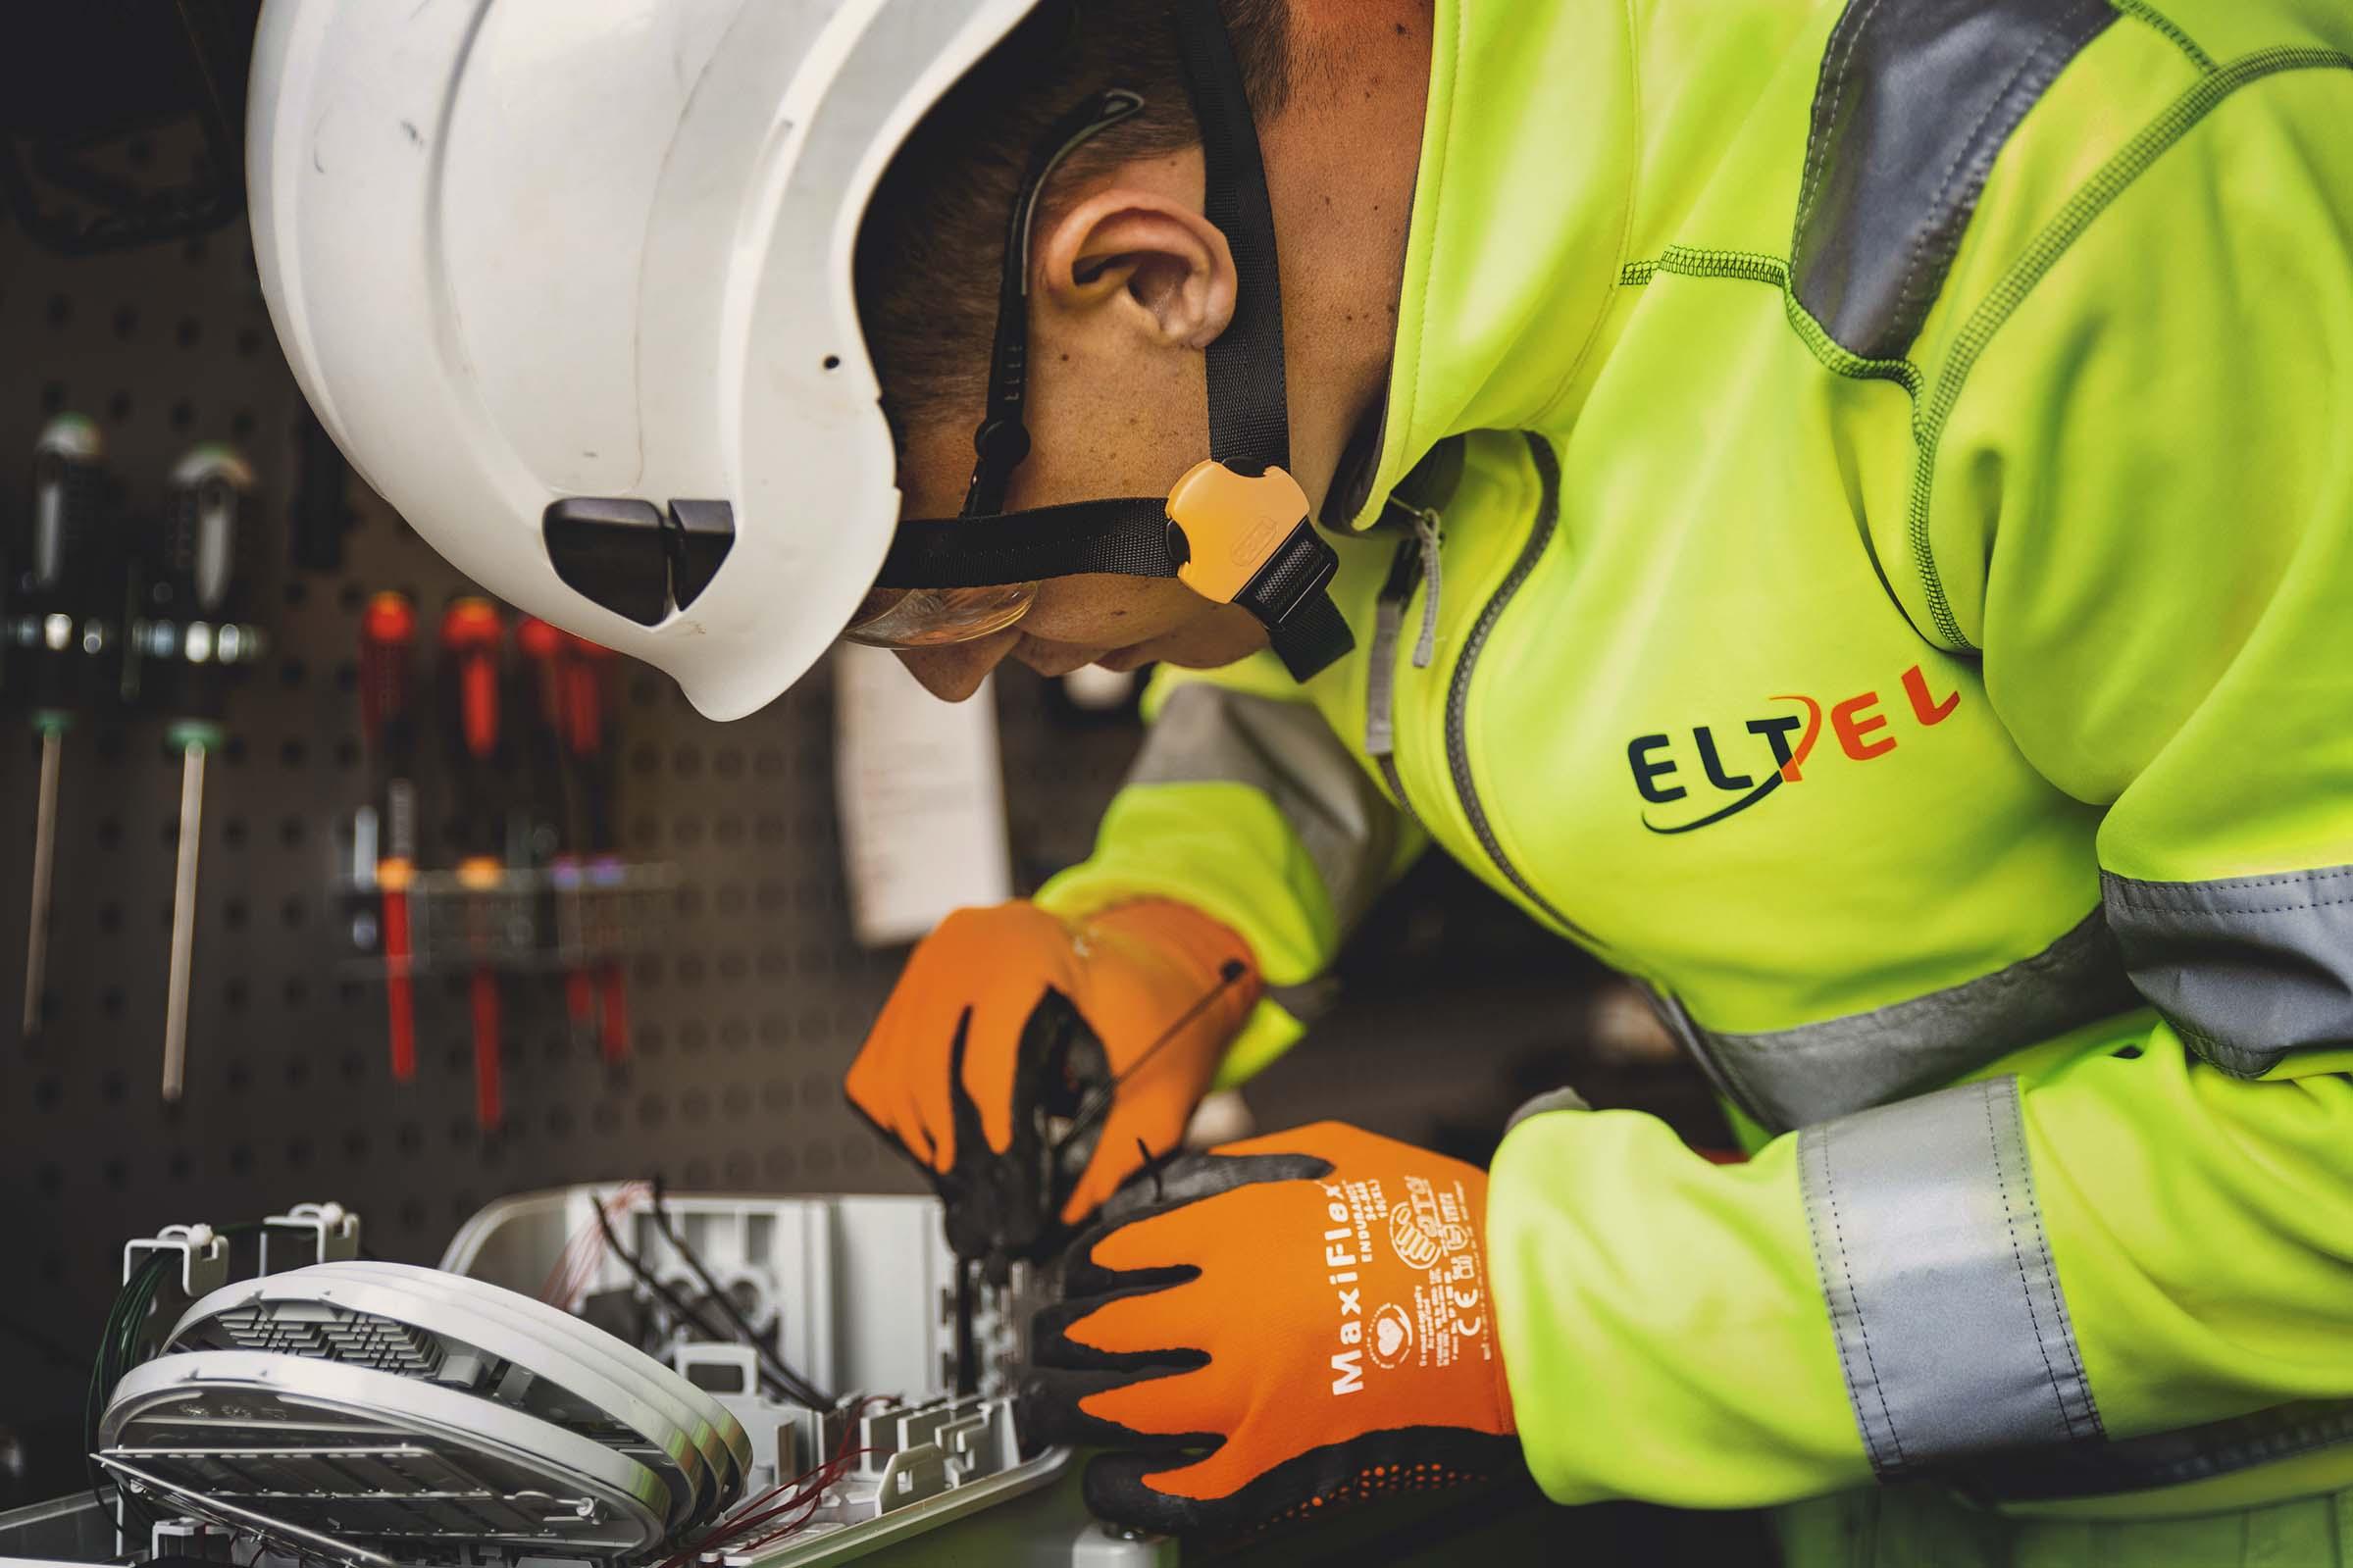 Eltel_elektriker